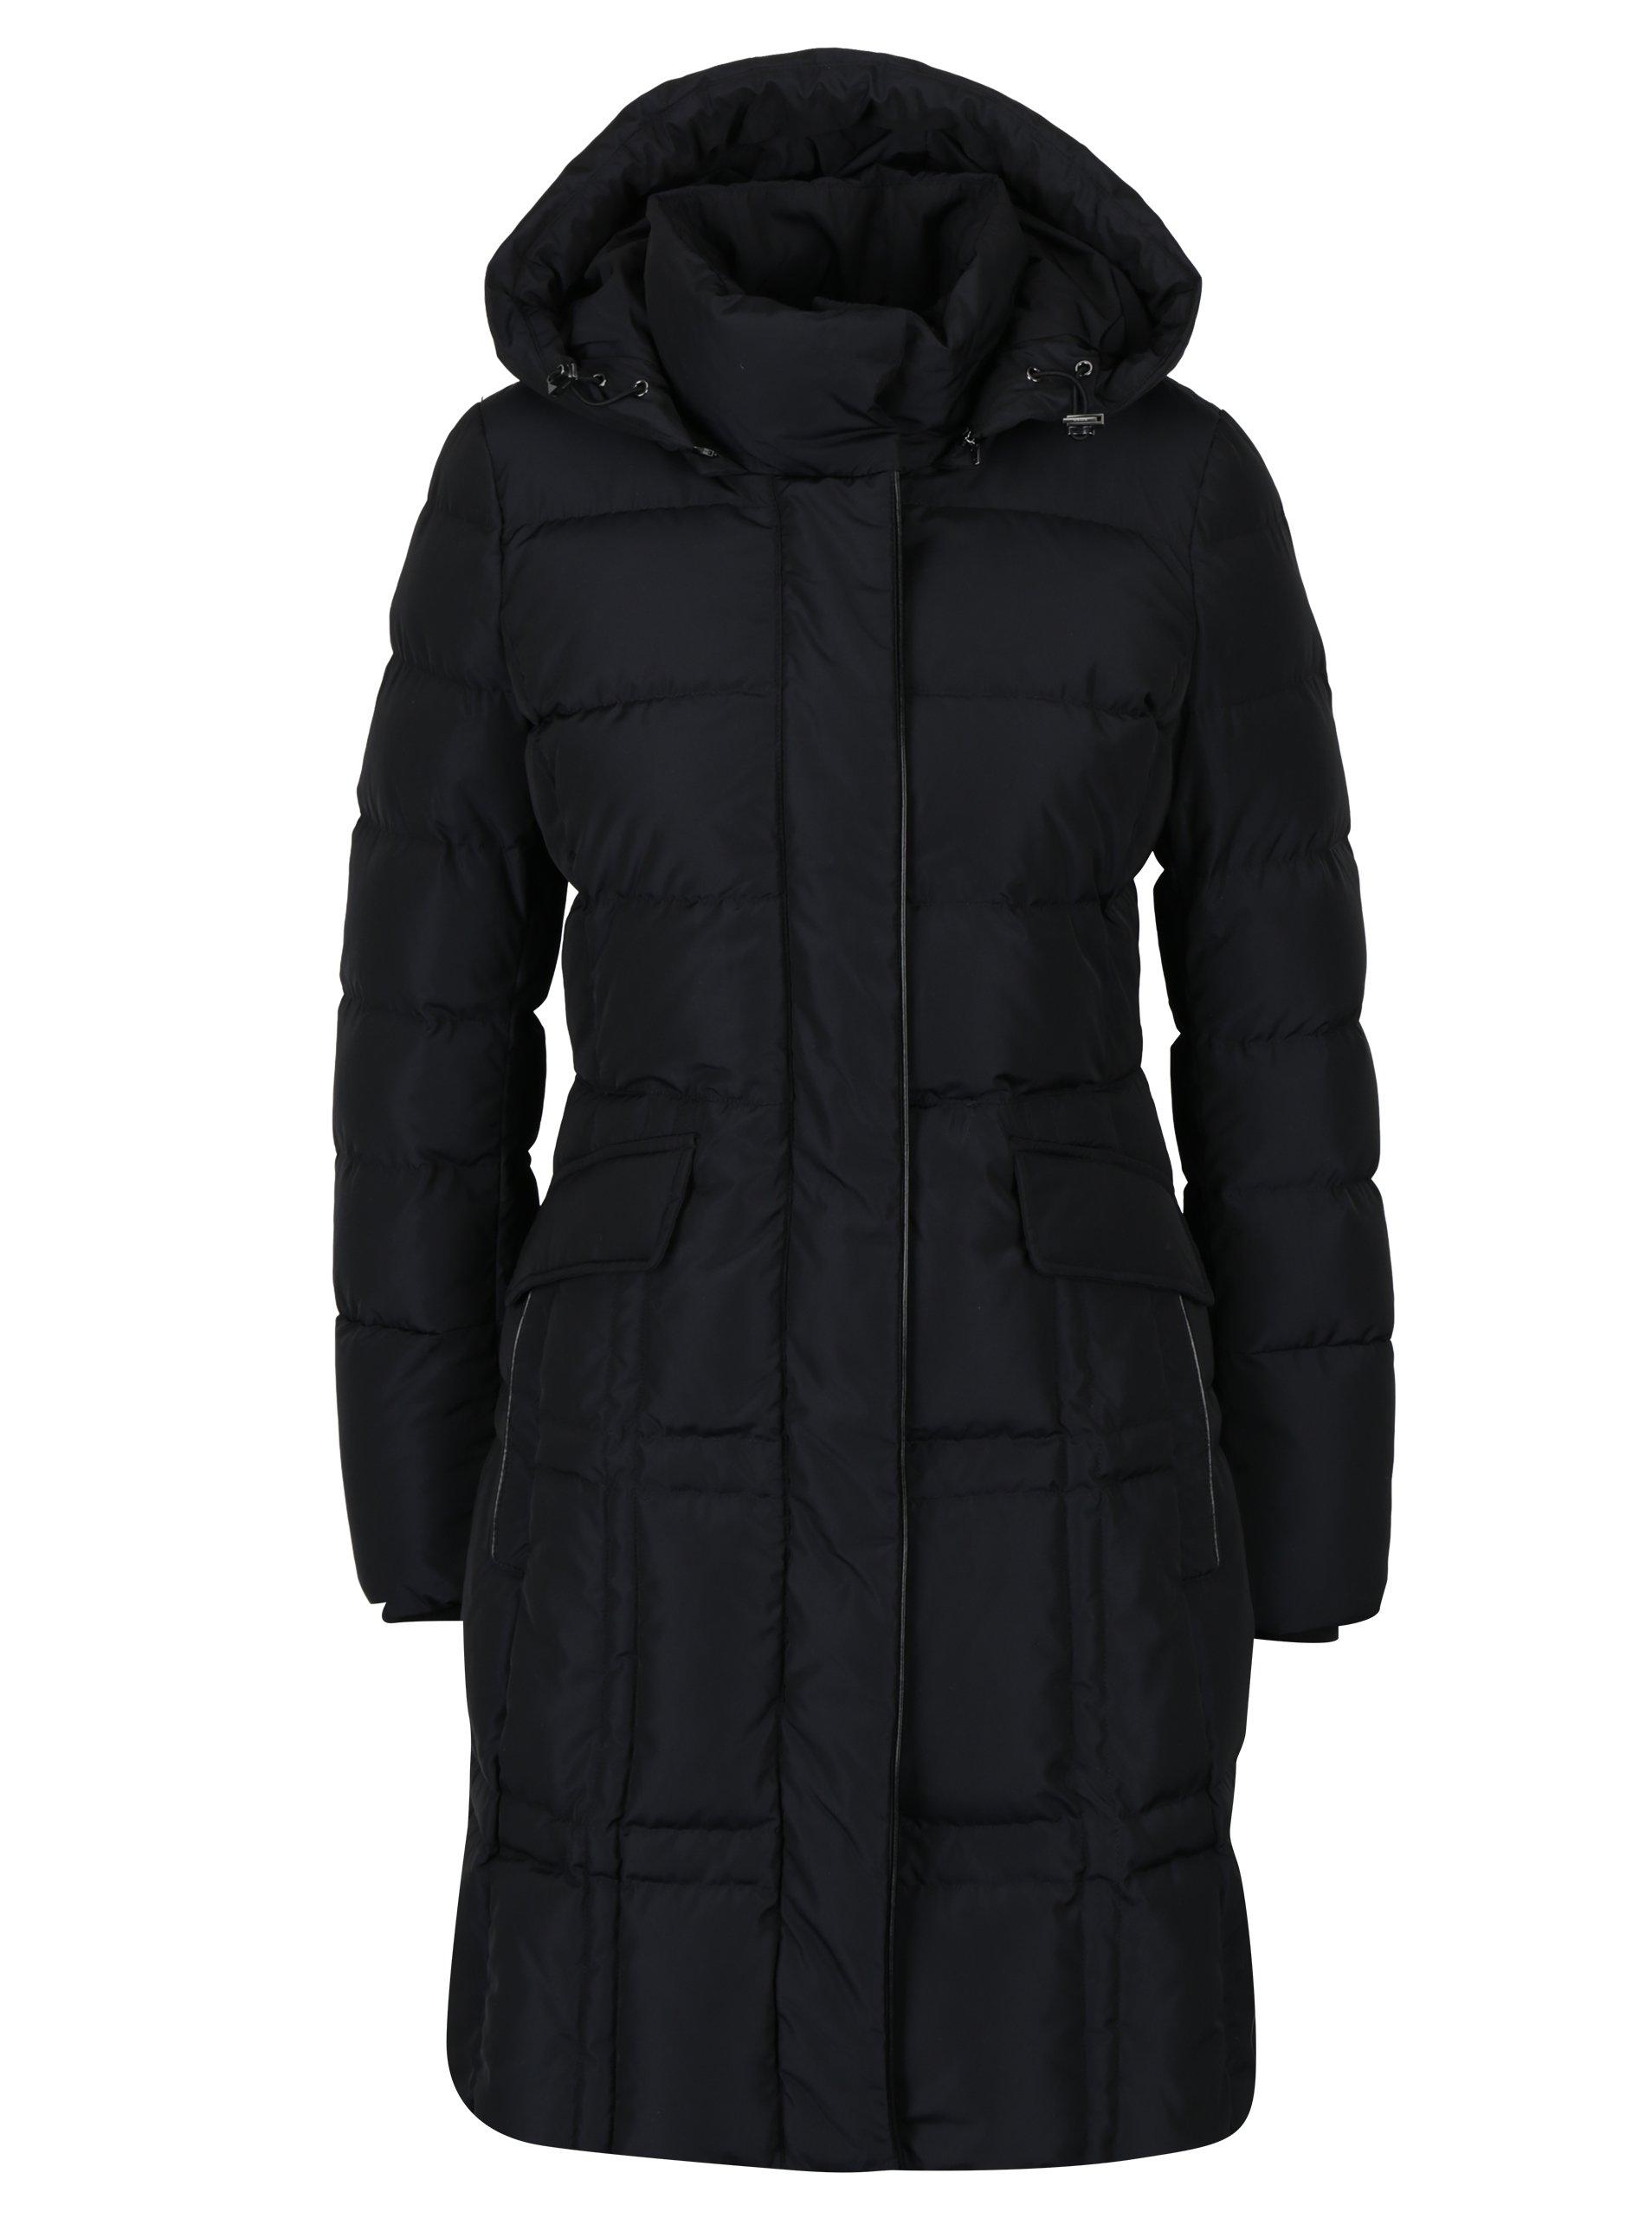 Černý dámský prošívaný kabát Geox